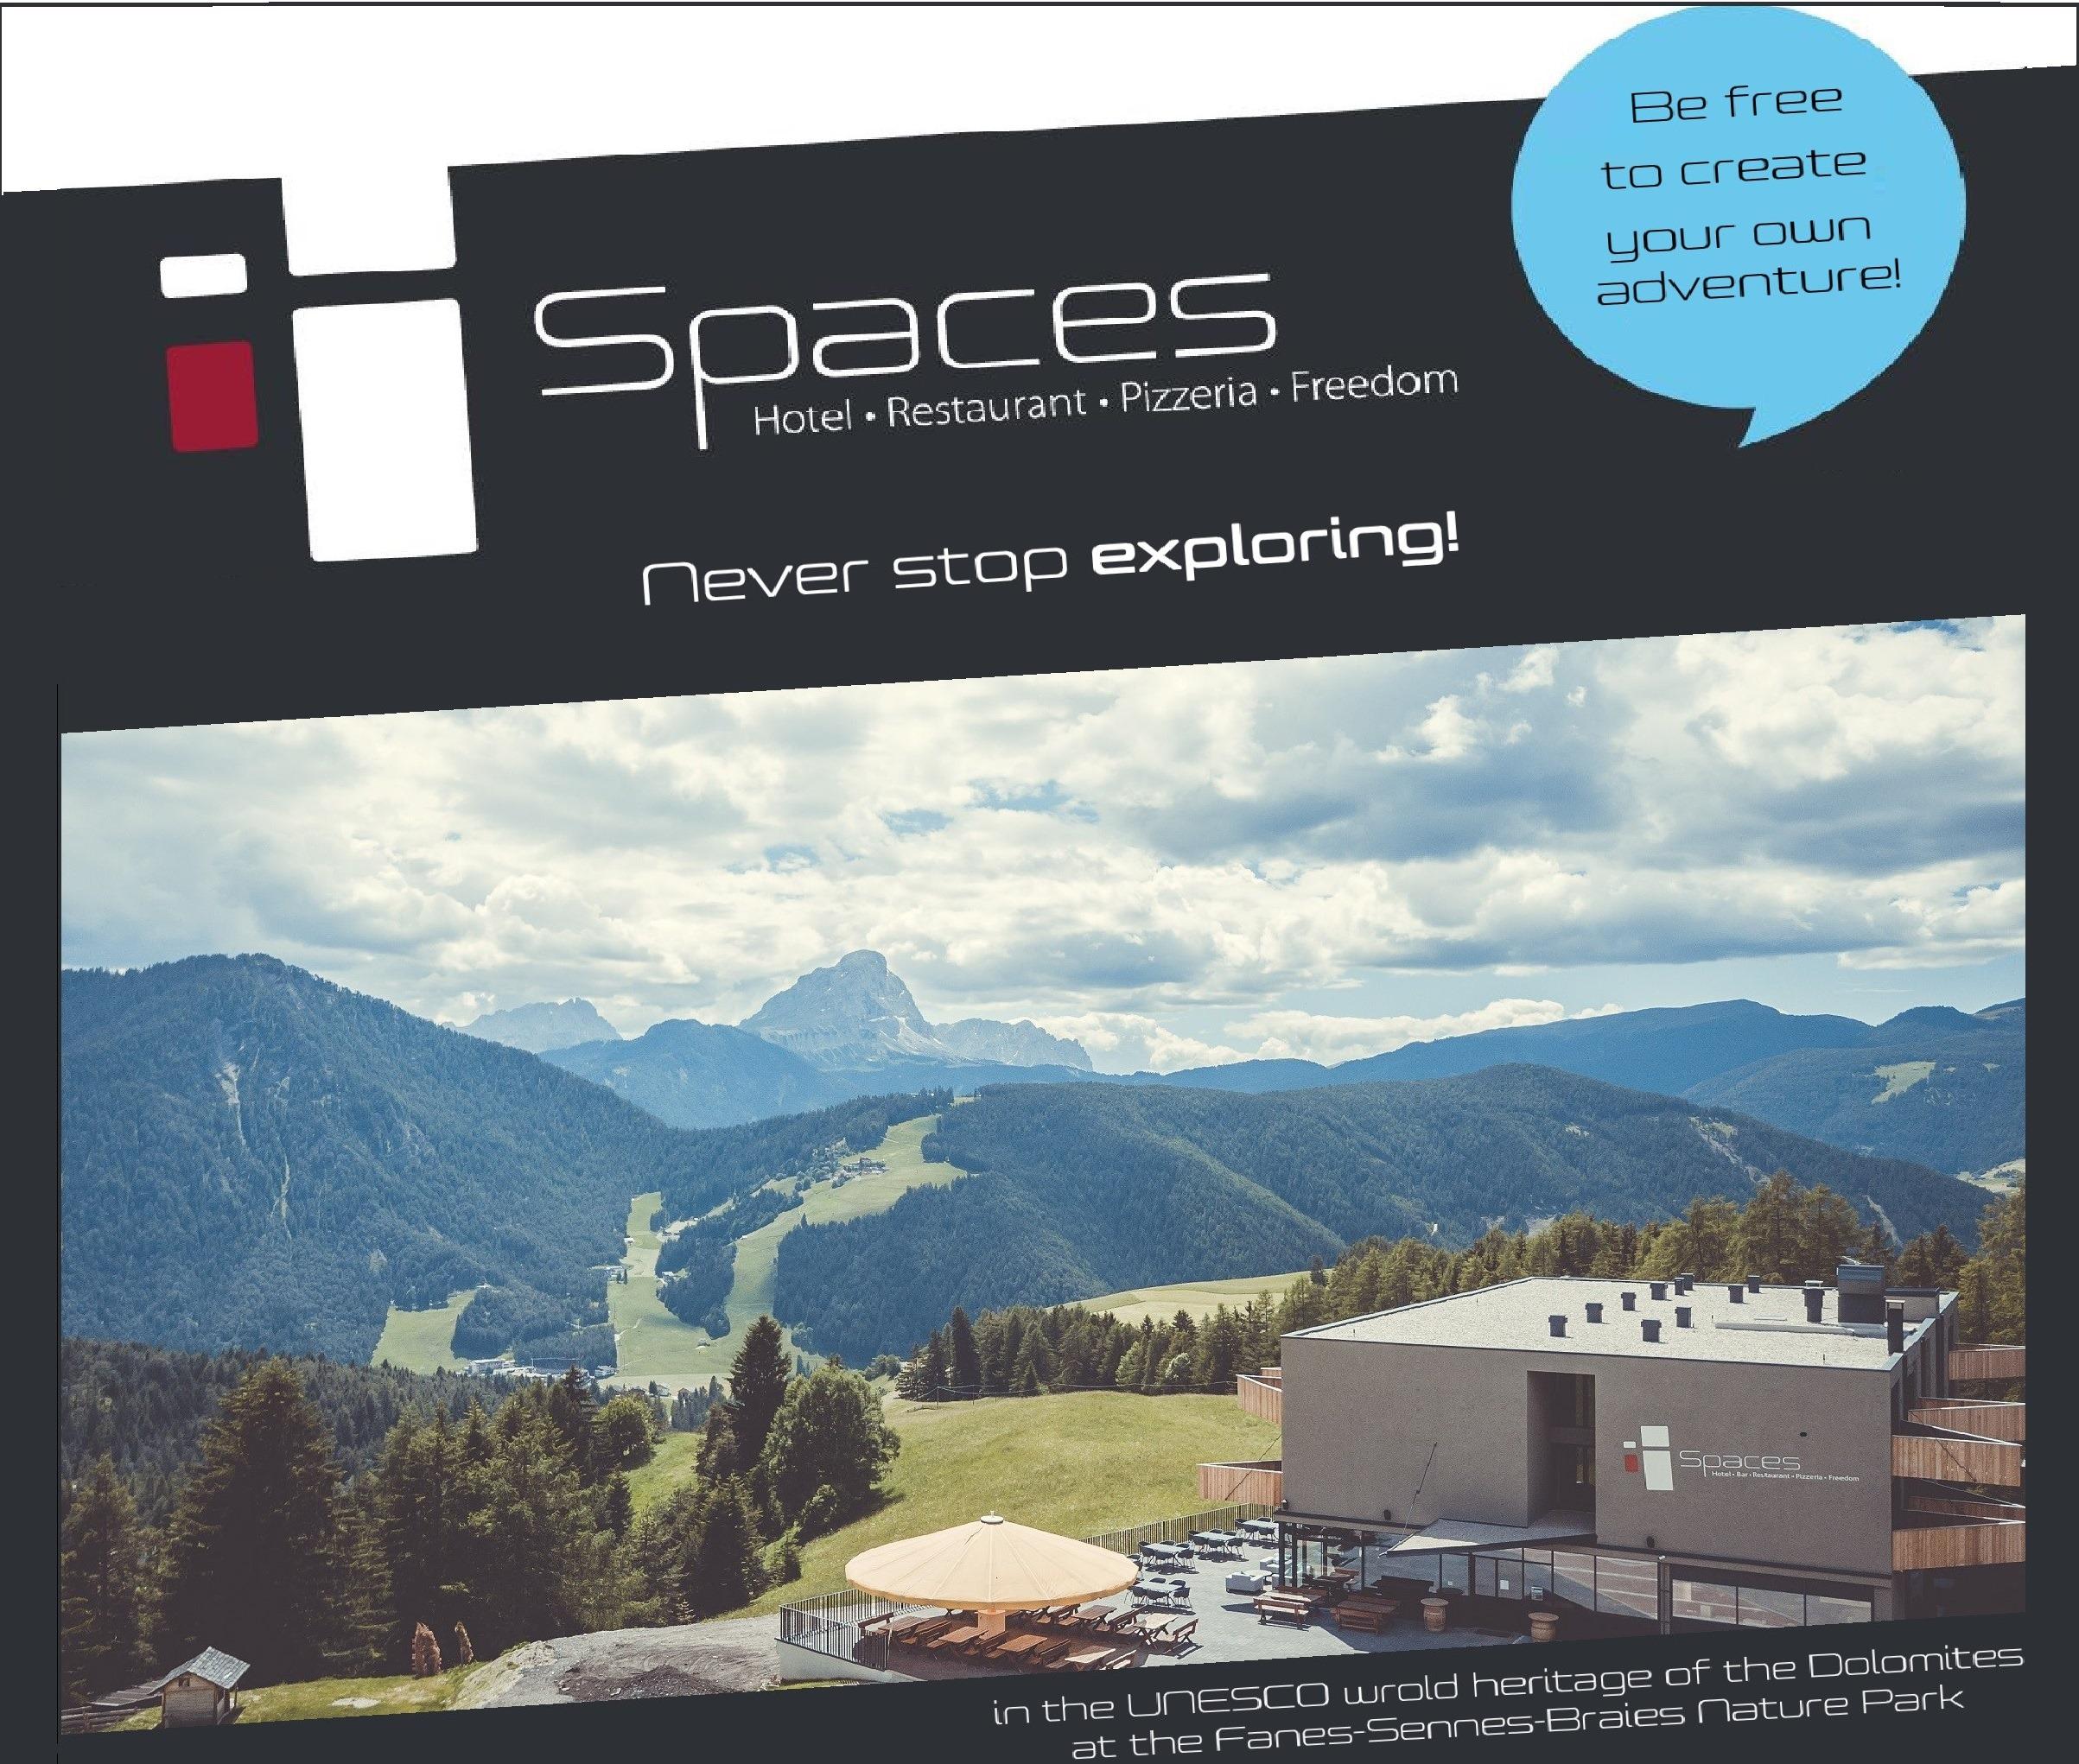 spaces-banner.jpg